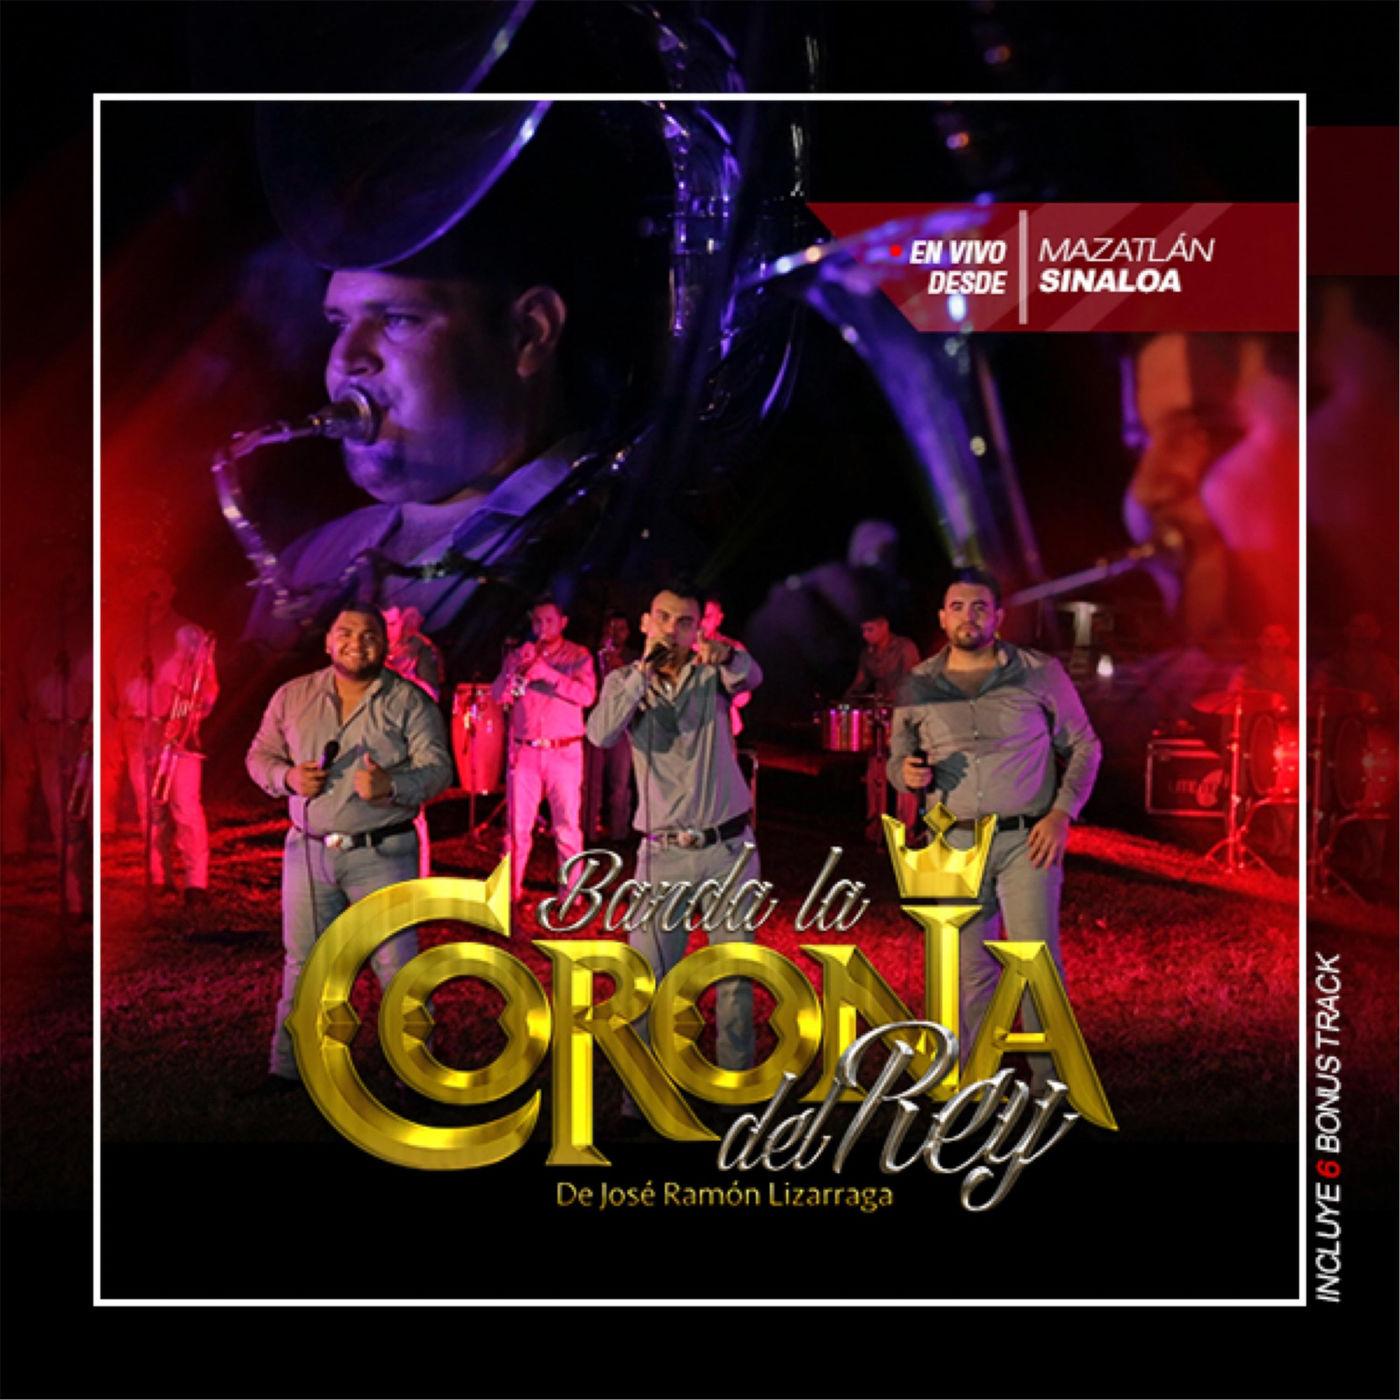 Banda Corona Del Rey – En Vivo Desde Mazatlan, Sinaloa (Album 2016)